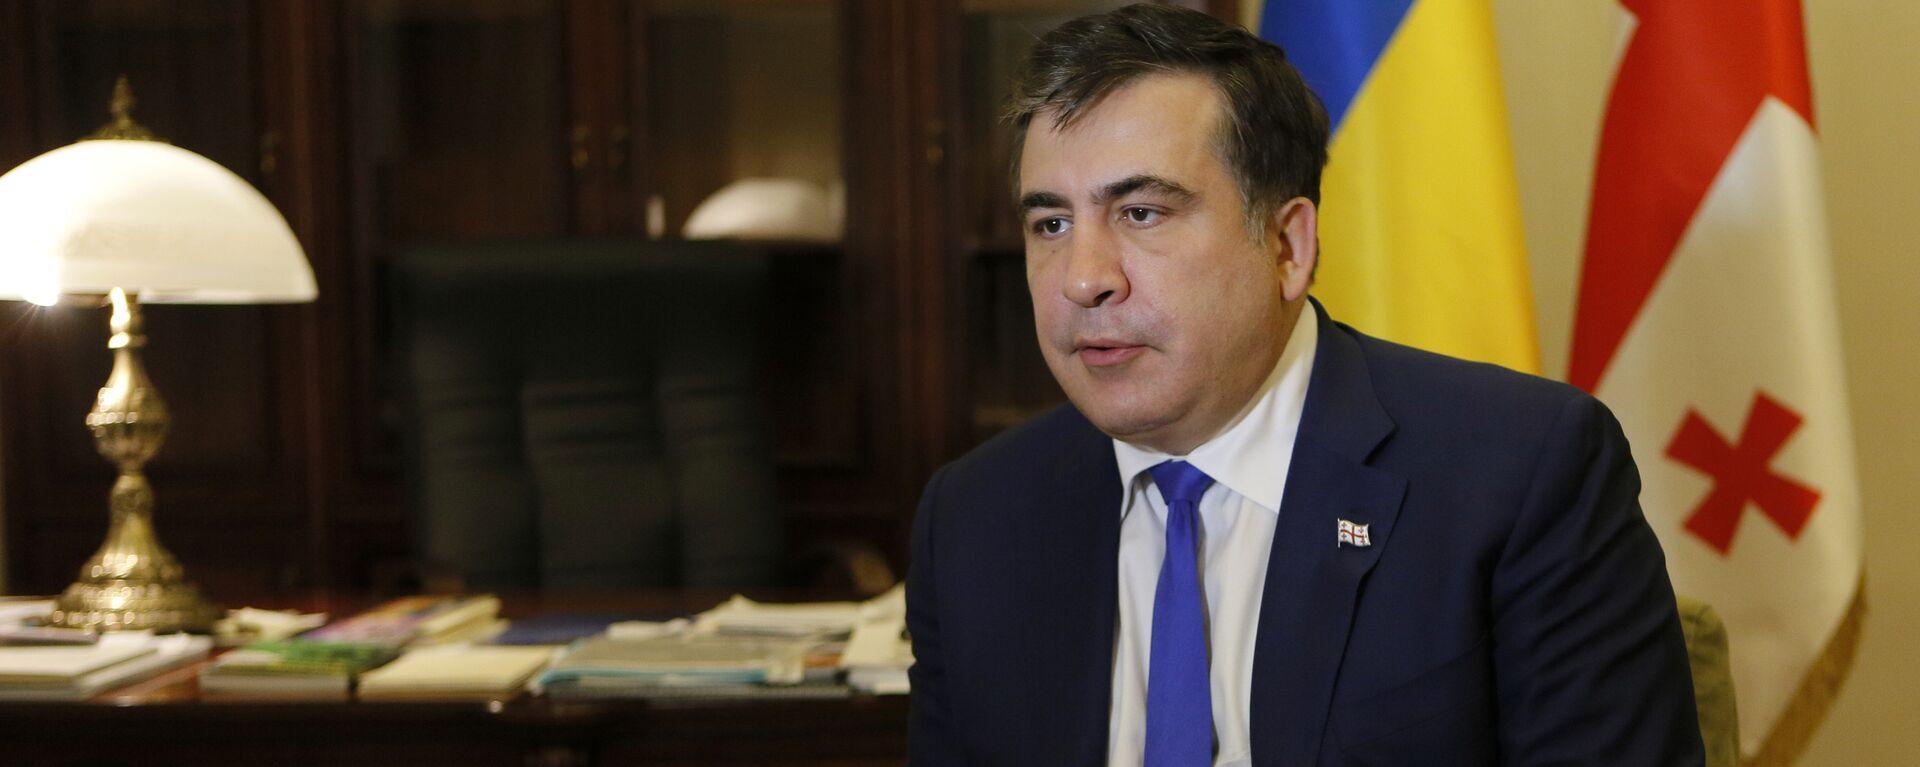 Михаил Саакашвили - Sputnik Грузия, 1920, 12.10.2021